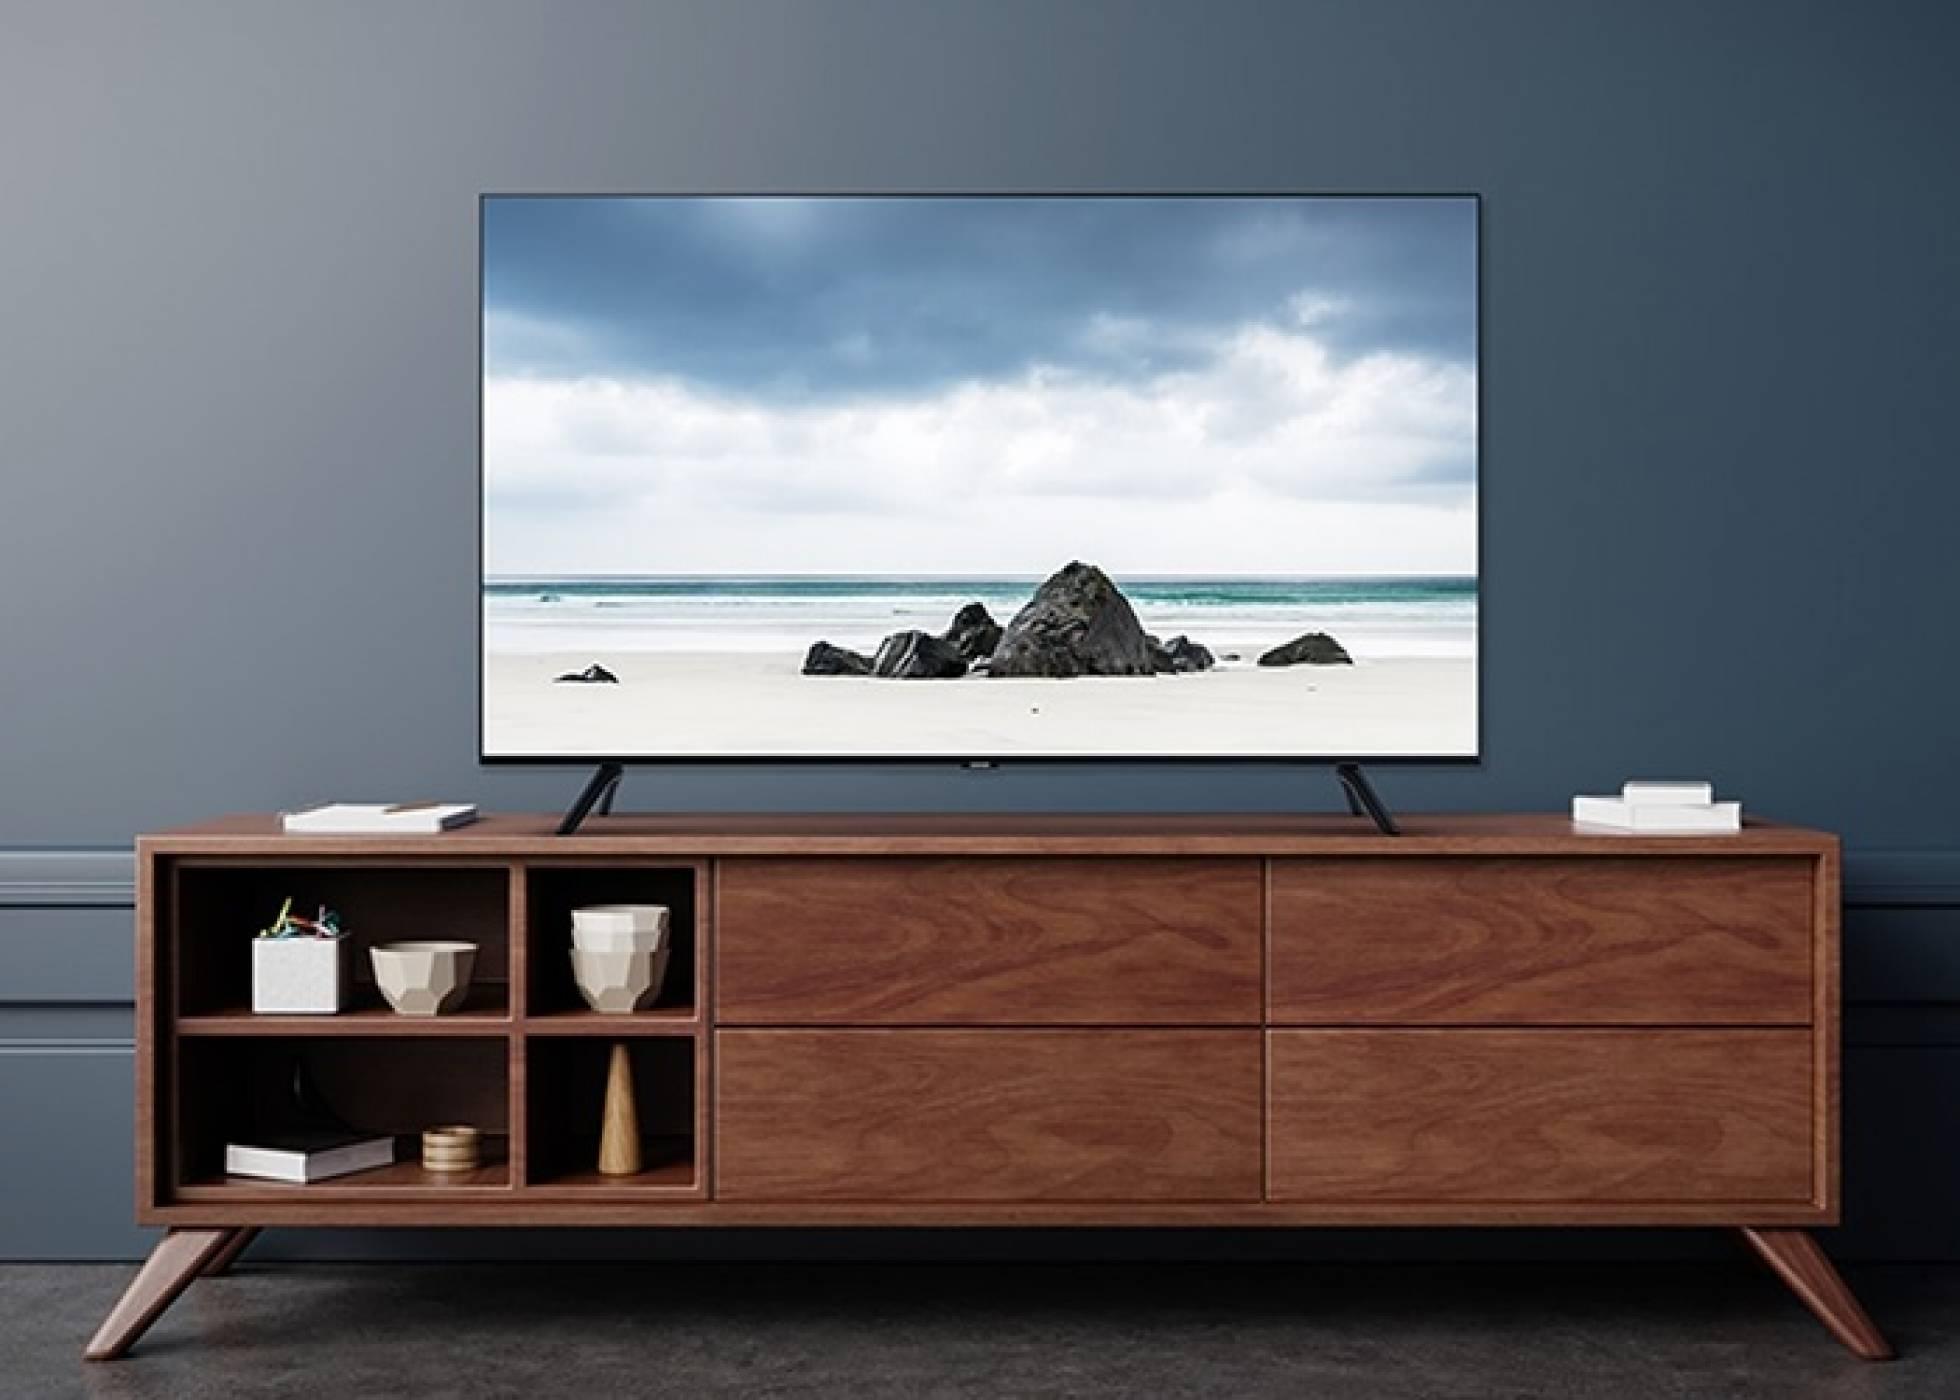 Продажбите на телевизори удариха рекордно ниво заради изолацията